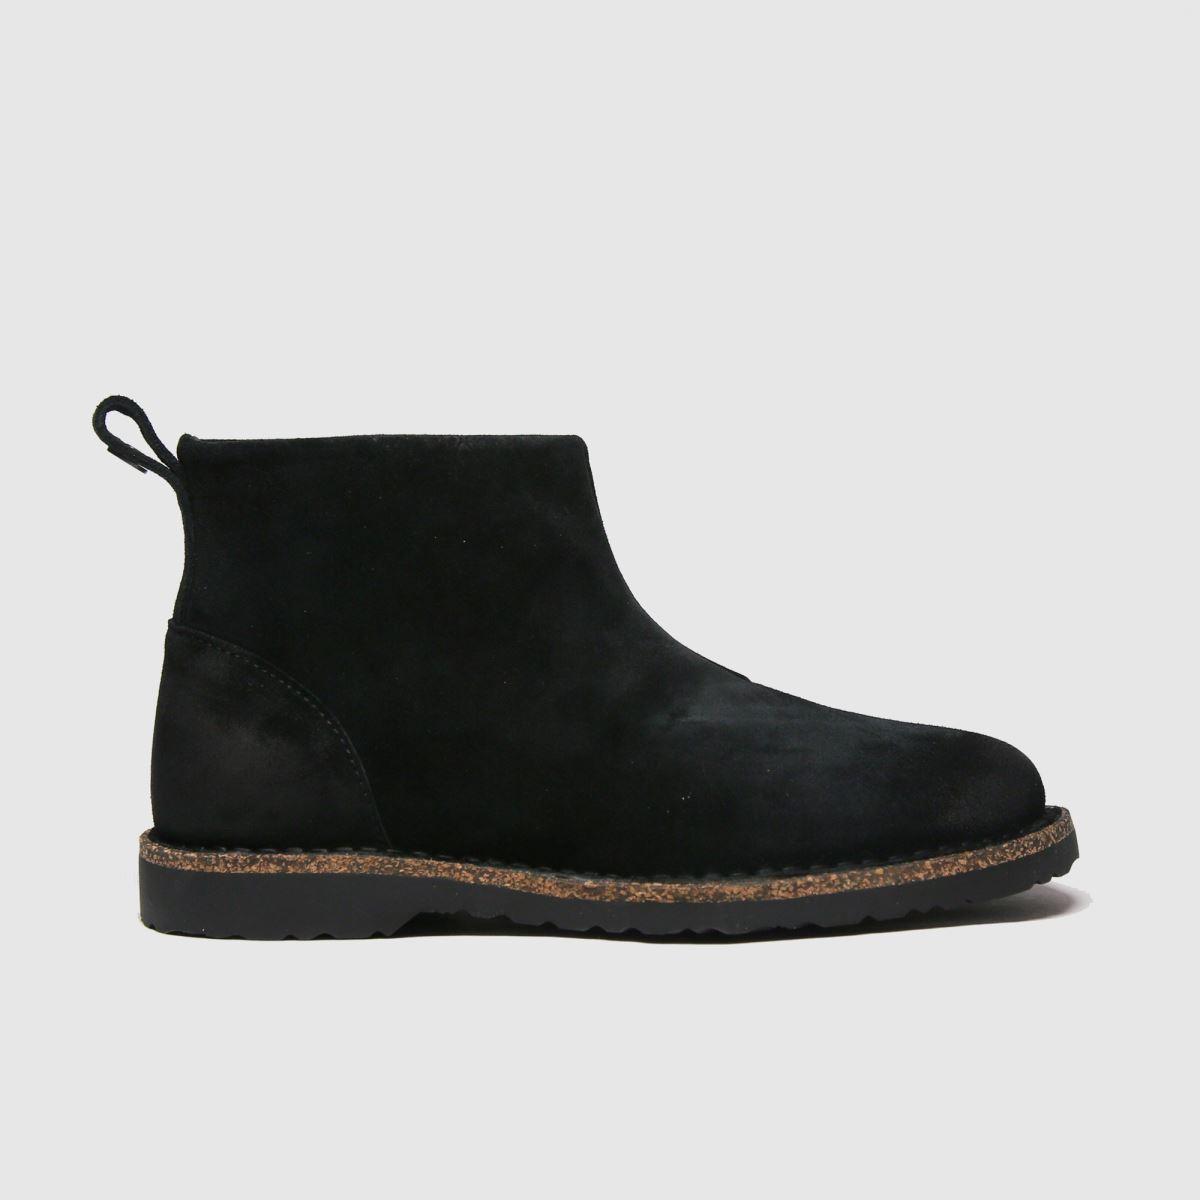 Birkenstock Black Melrose Boots